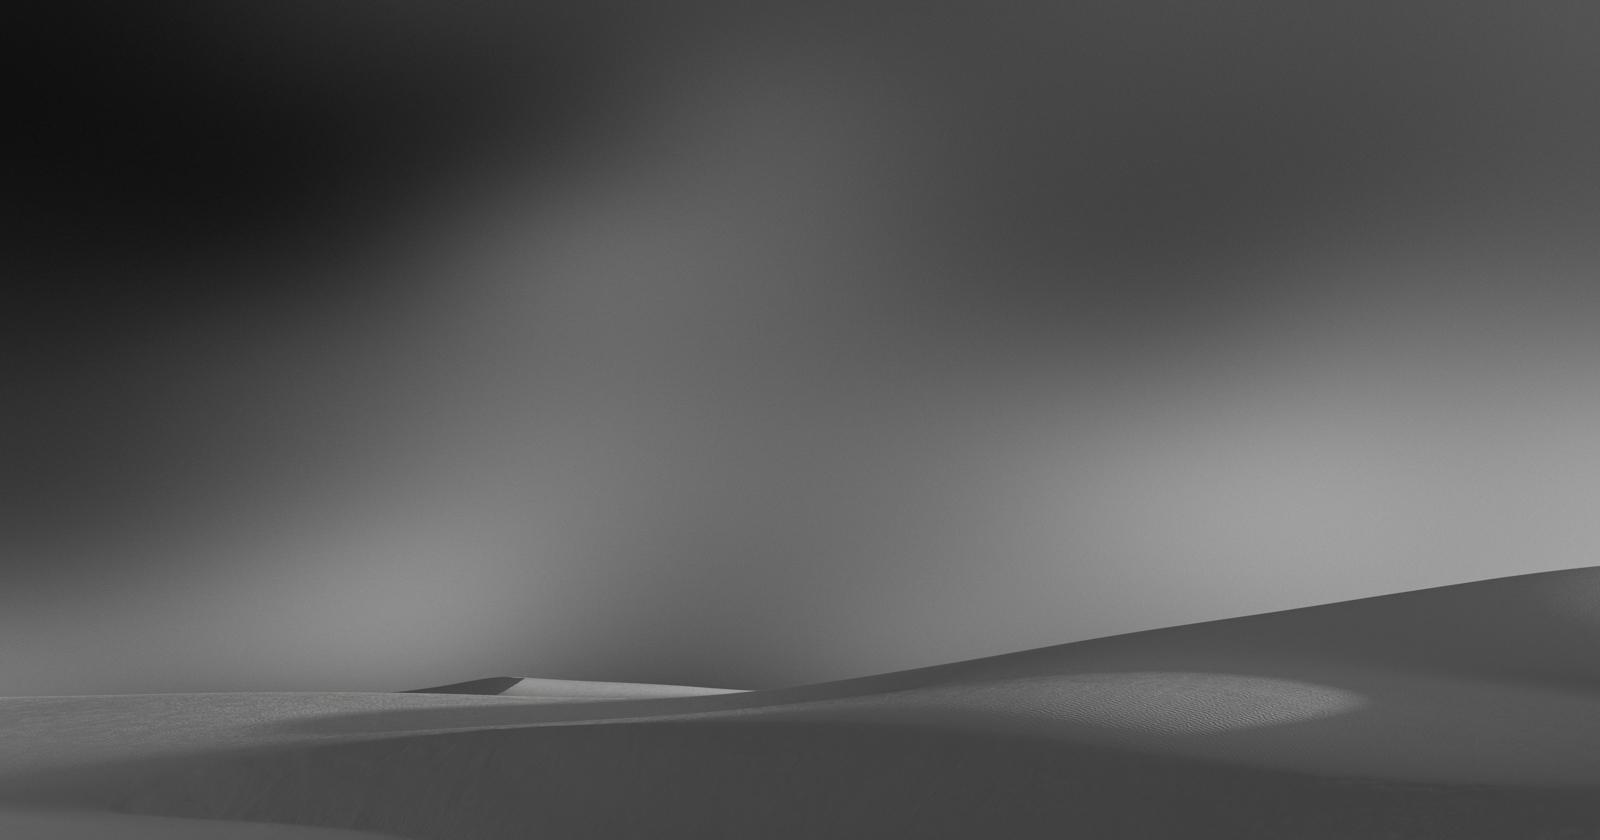 Fotografare il deserto e la sua bellezza sottovalutata